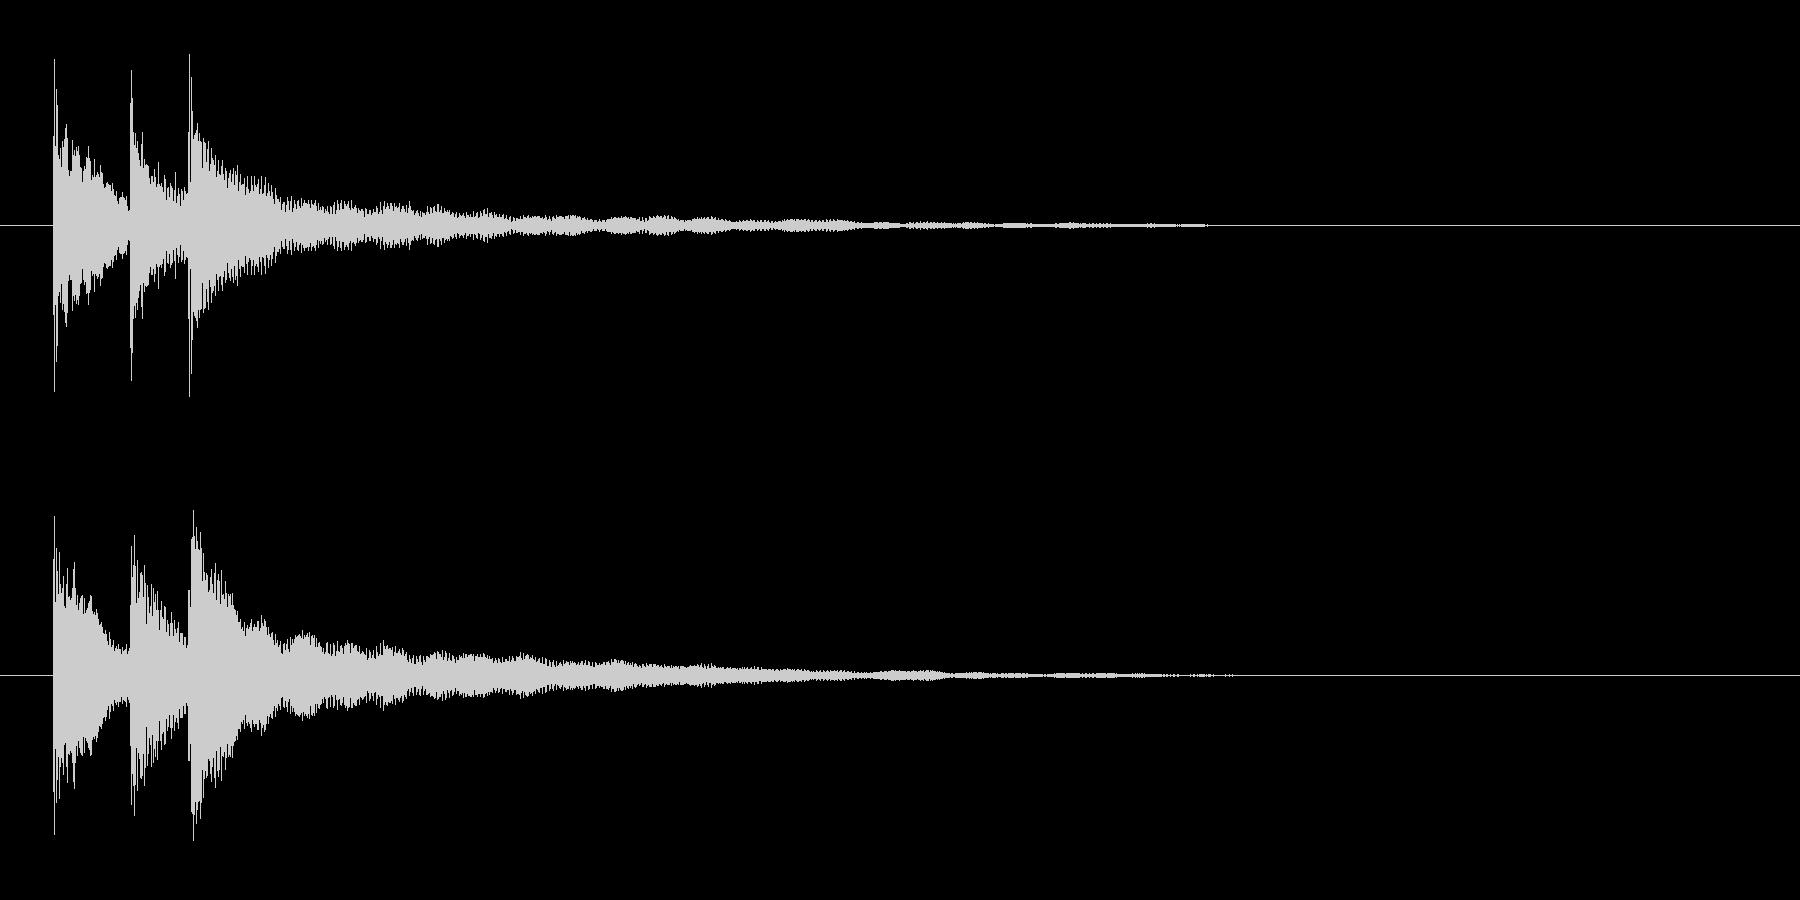 ピコリン(アイテムドロップ)の未再生の波形